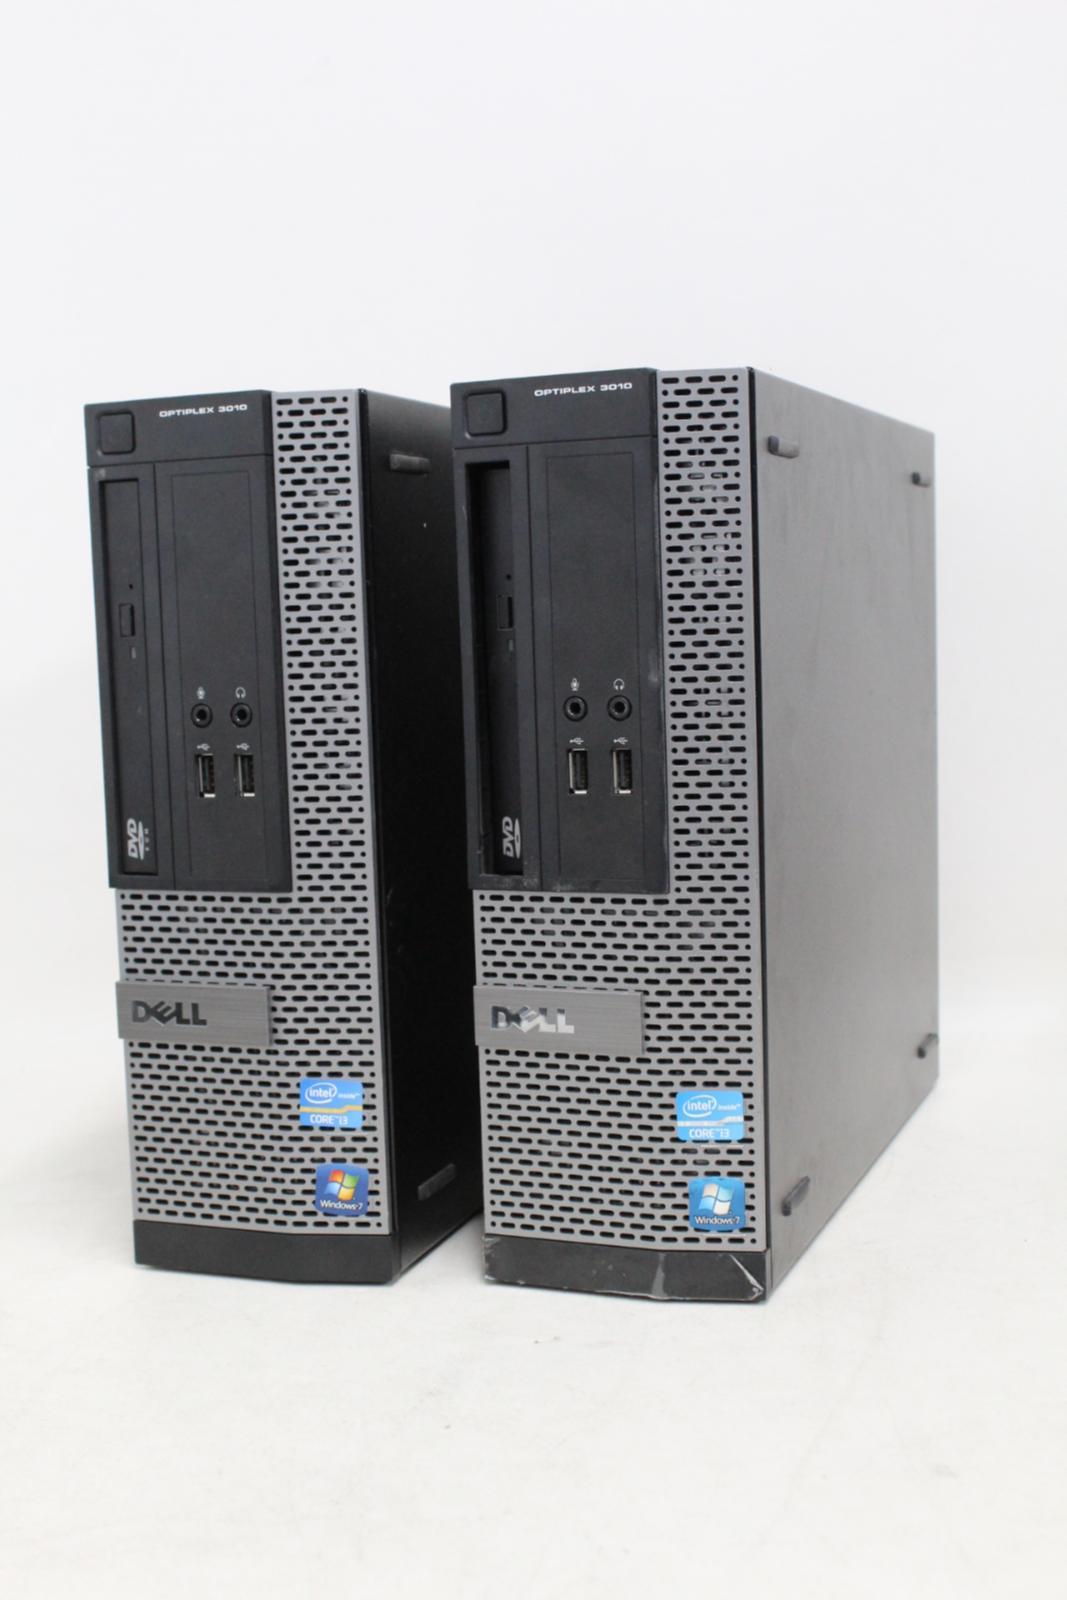 Dell-OptiPlex-3010-Intel-Core-i3-3220-3-3GHz-4GB-RAM-SFF-PC-de-escritorio-sin-disco-duro-2x miniatura 2